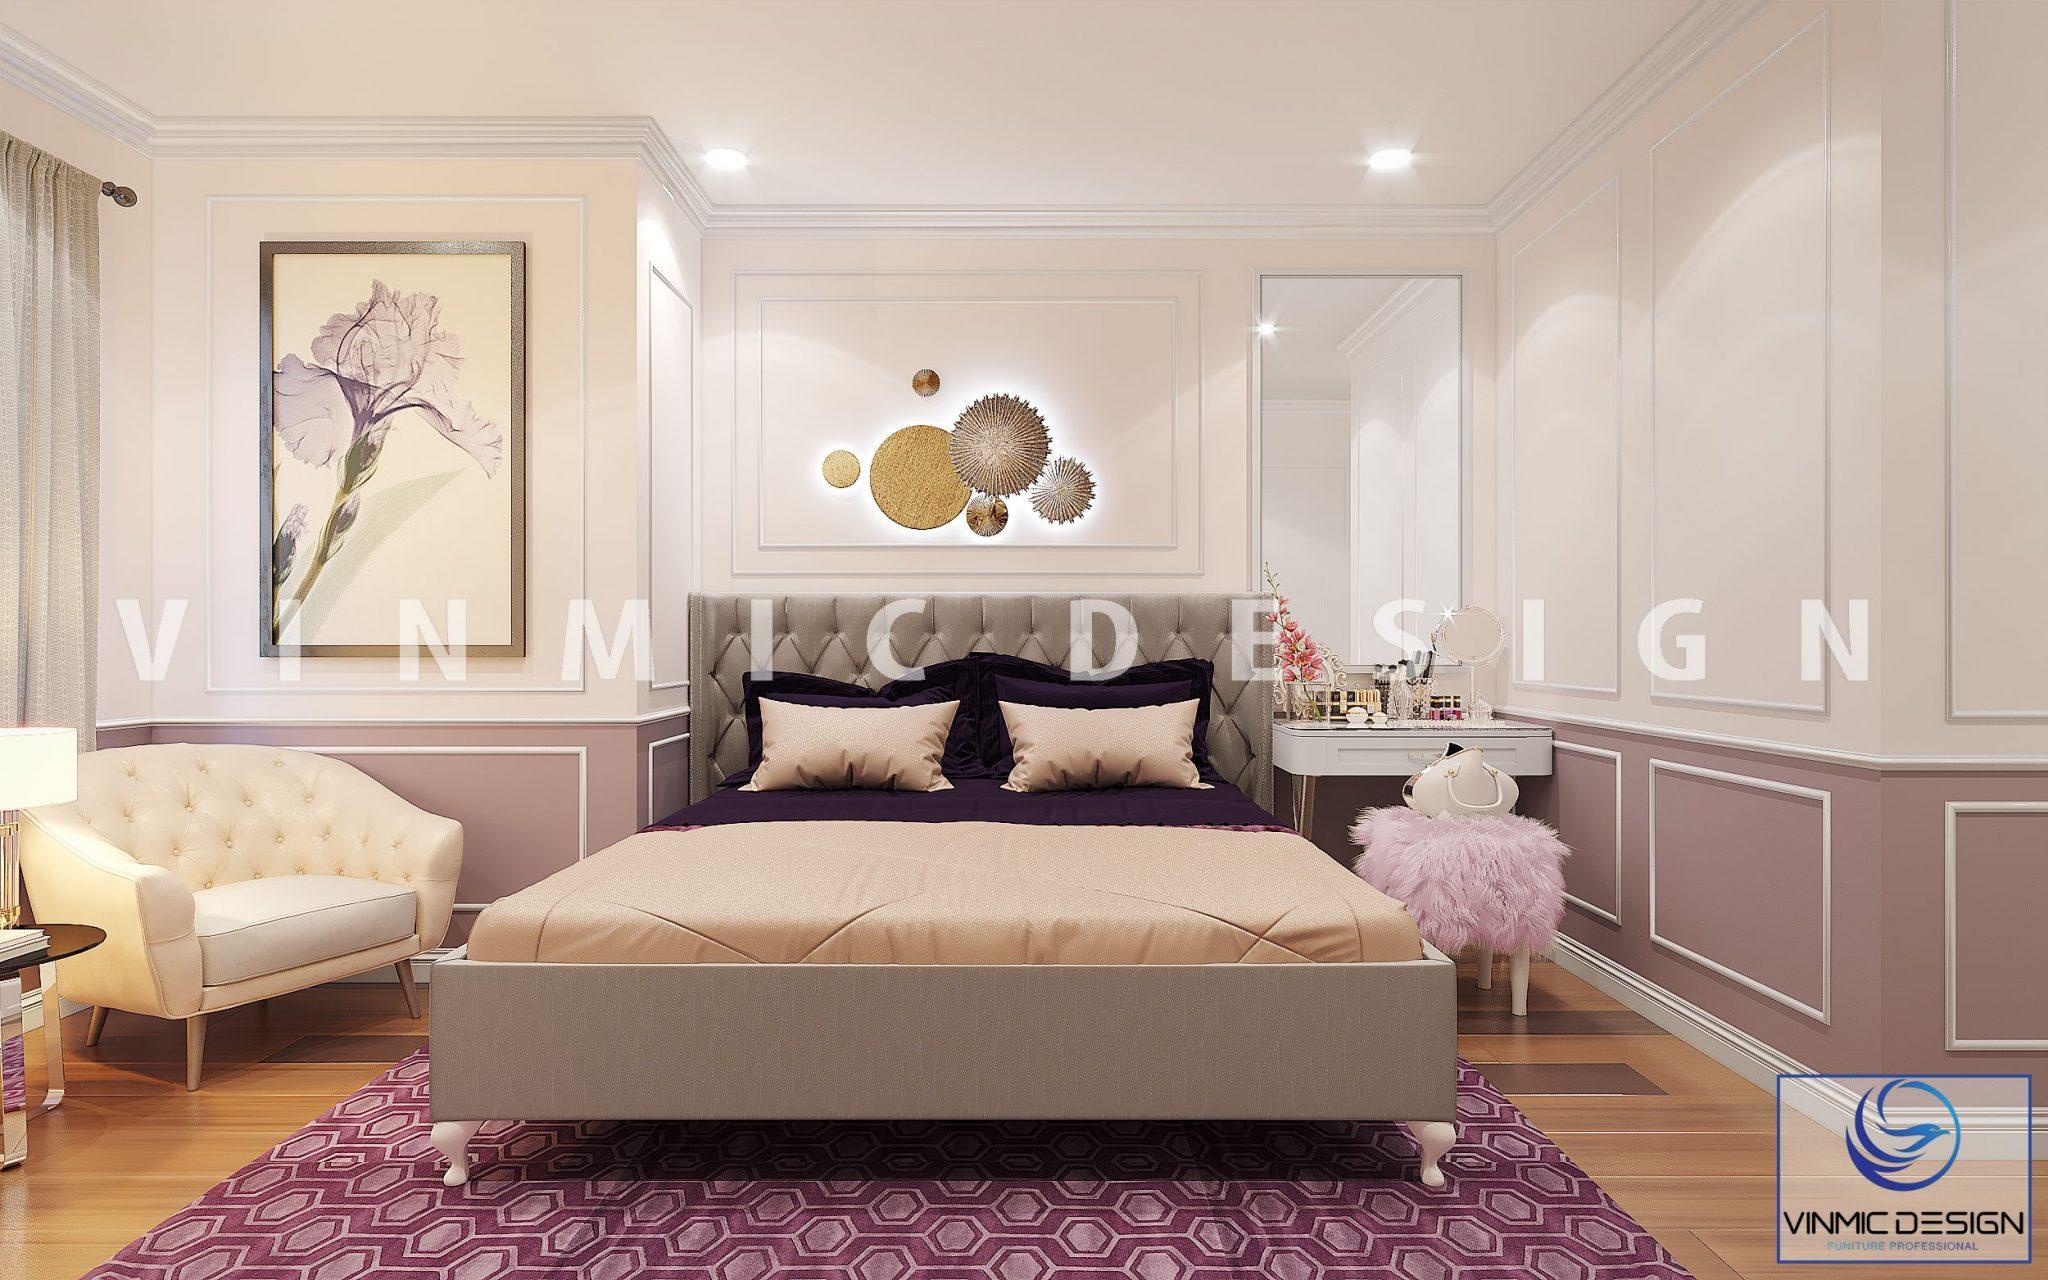 Thiết kế nội thất phòng ngủ đẹp cho quý cô luôn biết cách yêu chiều bản thân mình